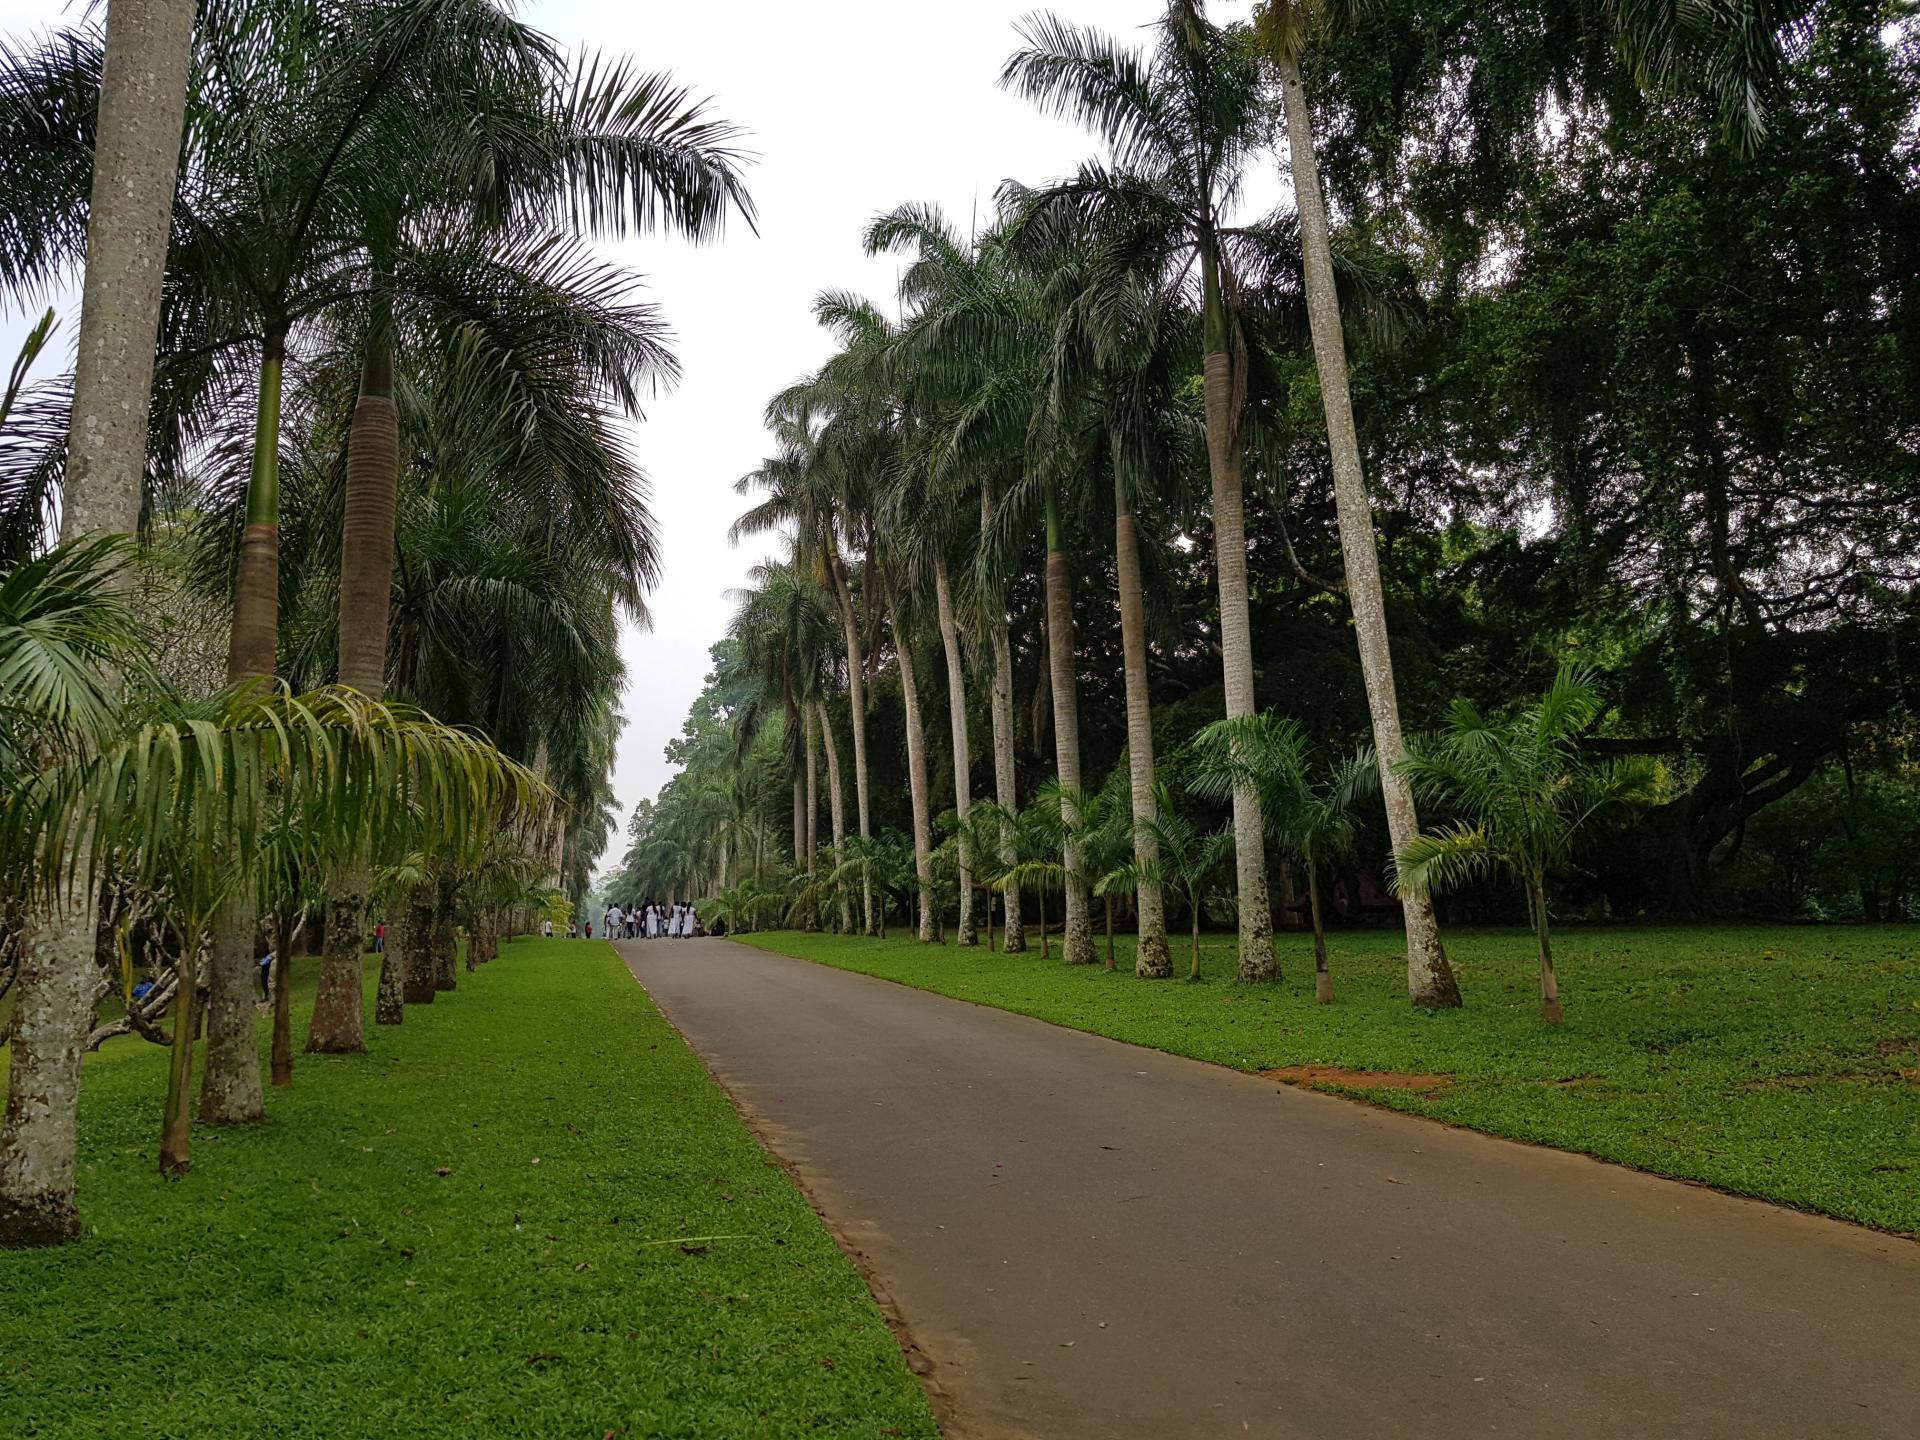 Пальмовая аллея, Ботанический сад Канди, Шри-Ланка.